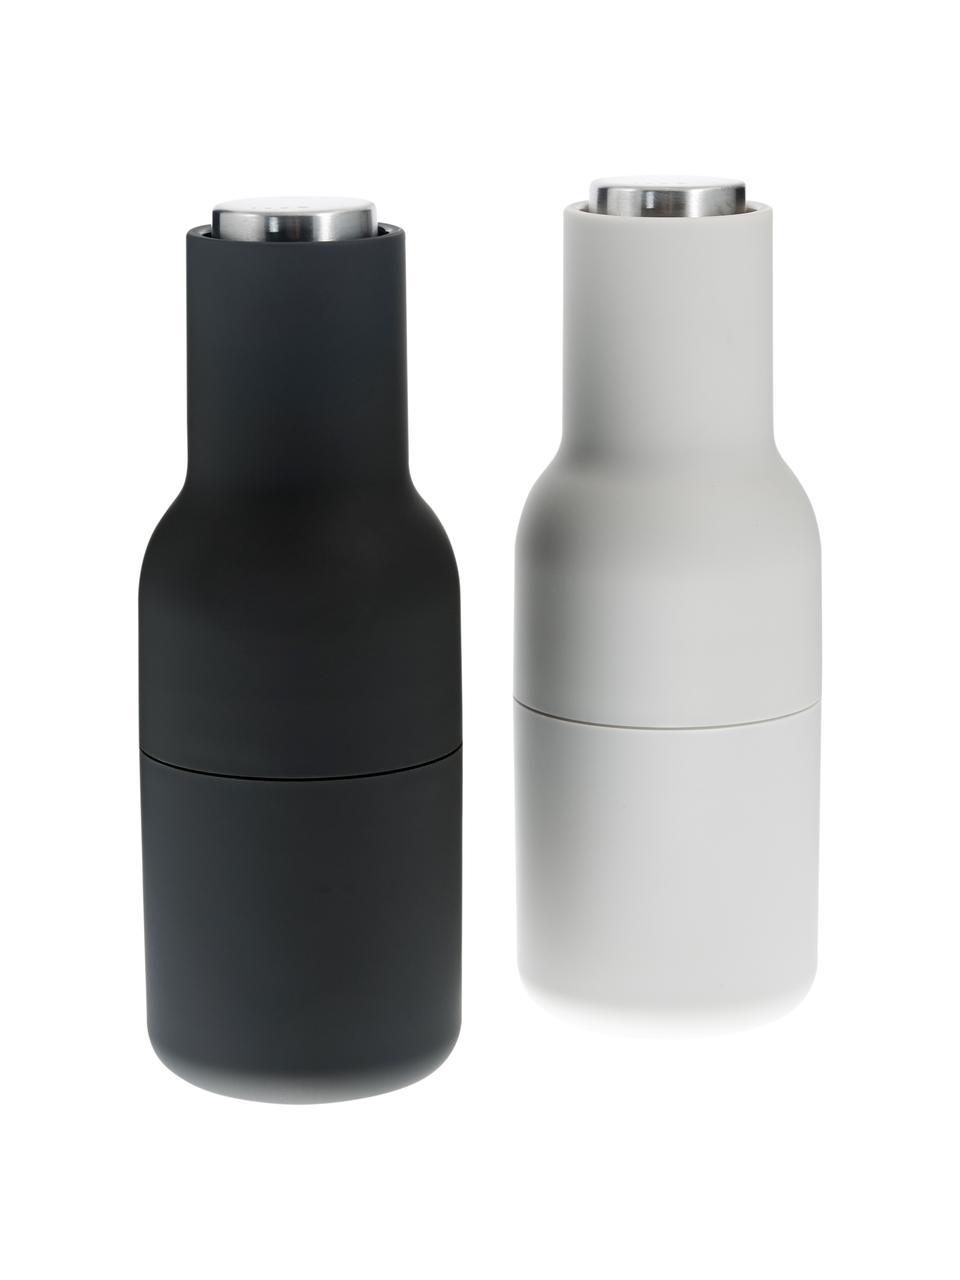 Komplet młynków do soli i pieprzu Bottle Grinder, 2elem., Korpus: tworzywo sztuczne, Antracytowy, jasny szary, Ø 8 x W 21 cm